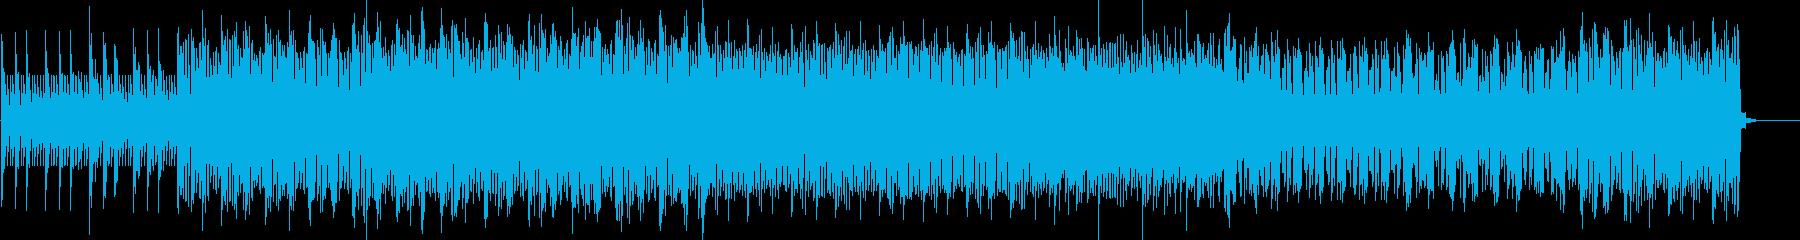 緊迫感を煽るサイバーエレクトロ風BGMの再生済みの波形